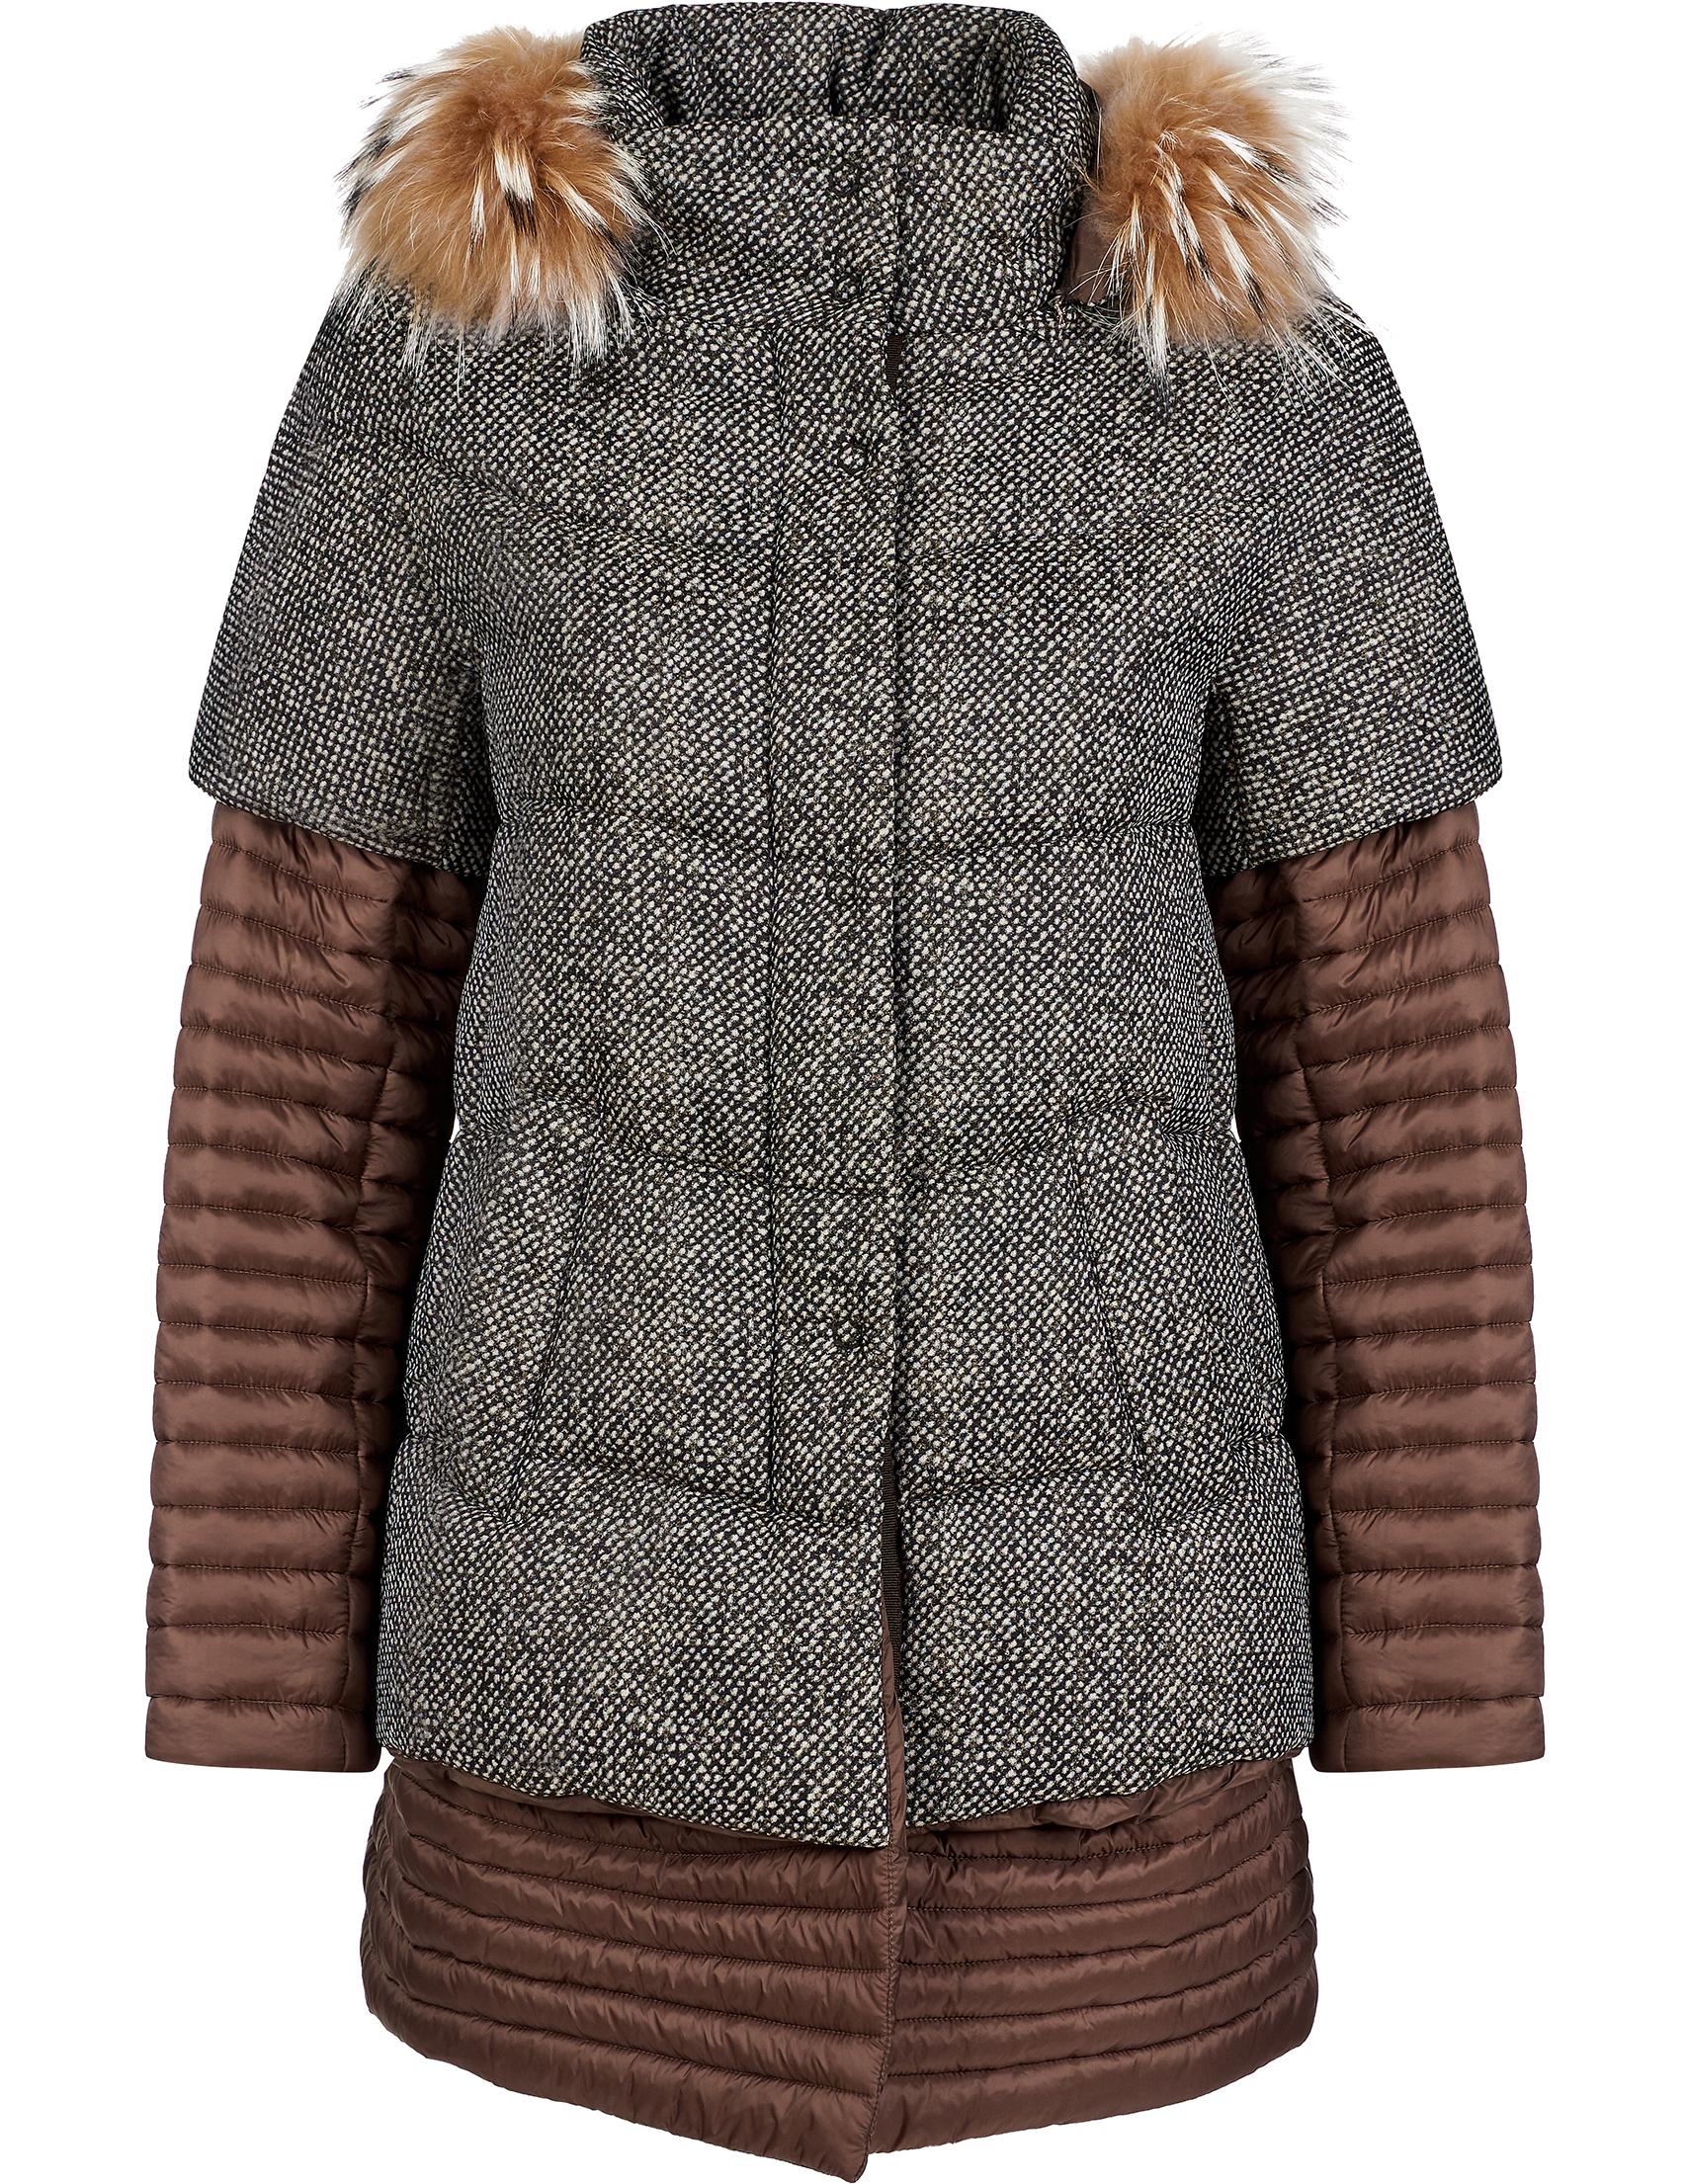 Купить Куртки, Куртка, GALLOTTI, Коричневый, 100%Полиамид;100%Полиэстер;100%Мех, Осень-Зима